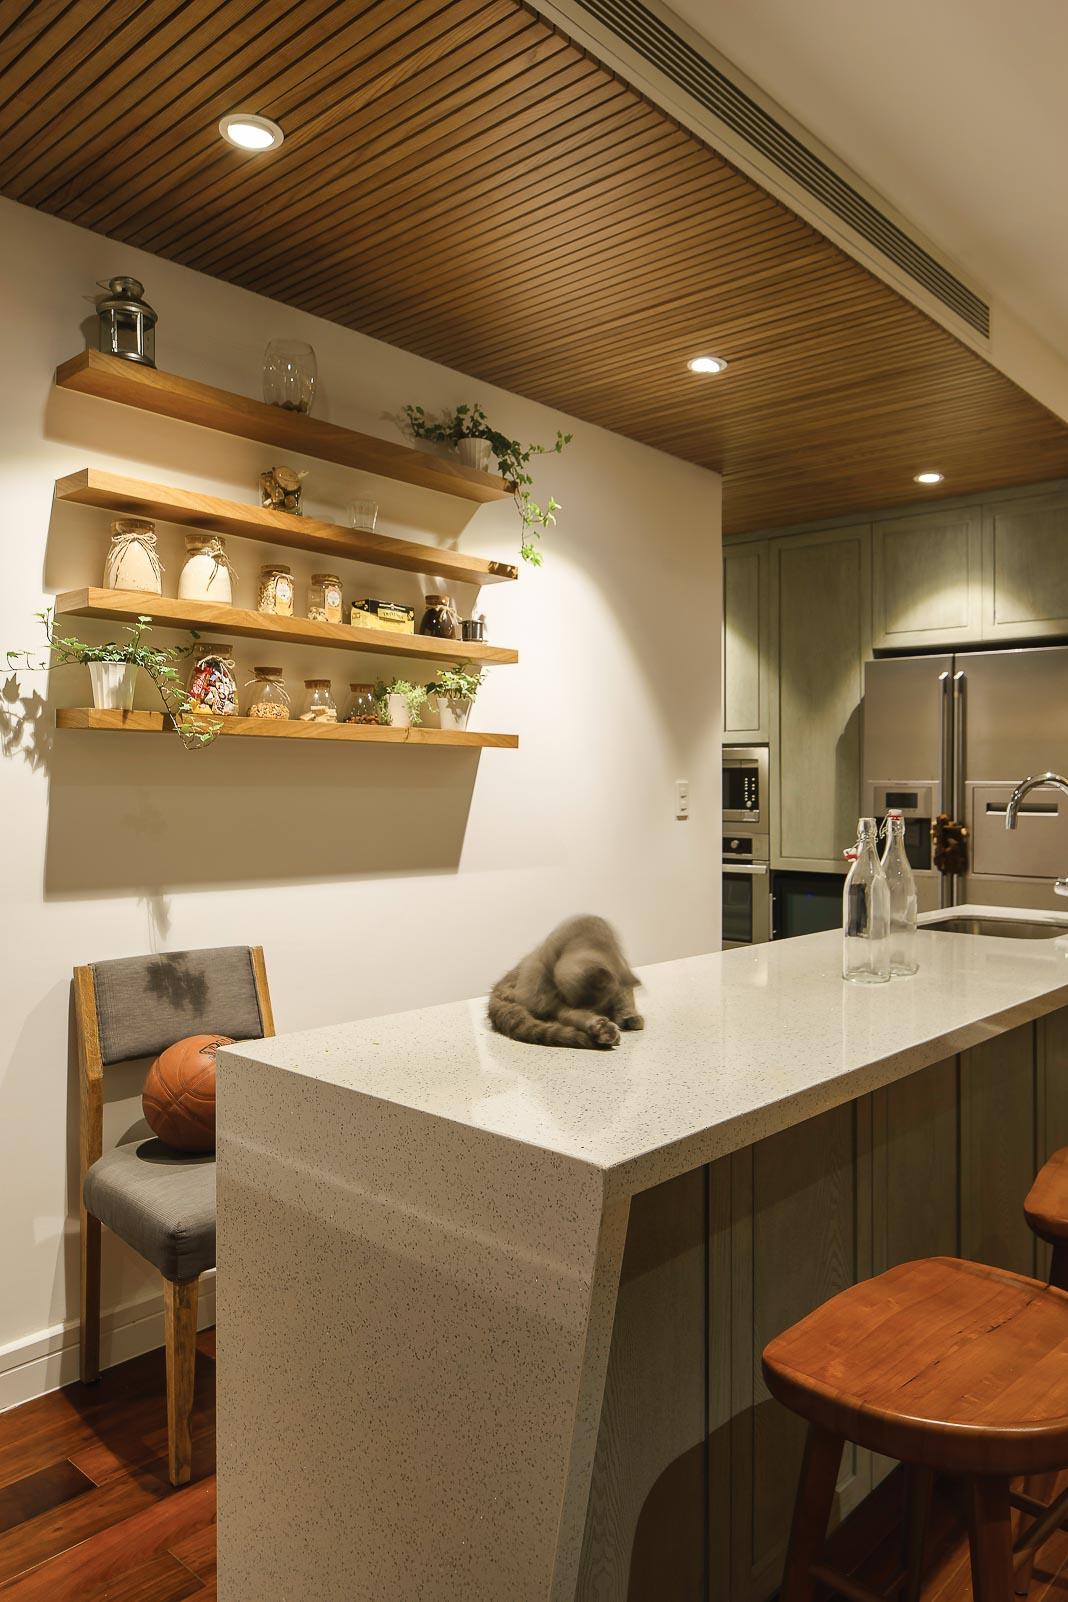 Bàn bếp bằng đá mài màu trắng, đây cũng là nơi có thể tận dụng để ngồi trong những bữa ăn nhẹ